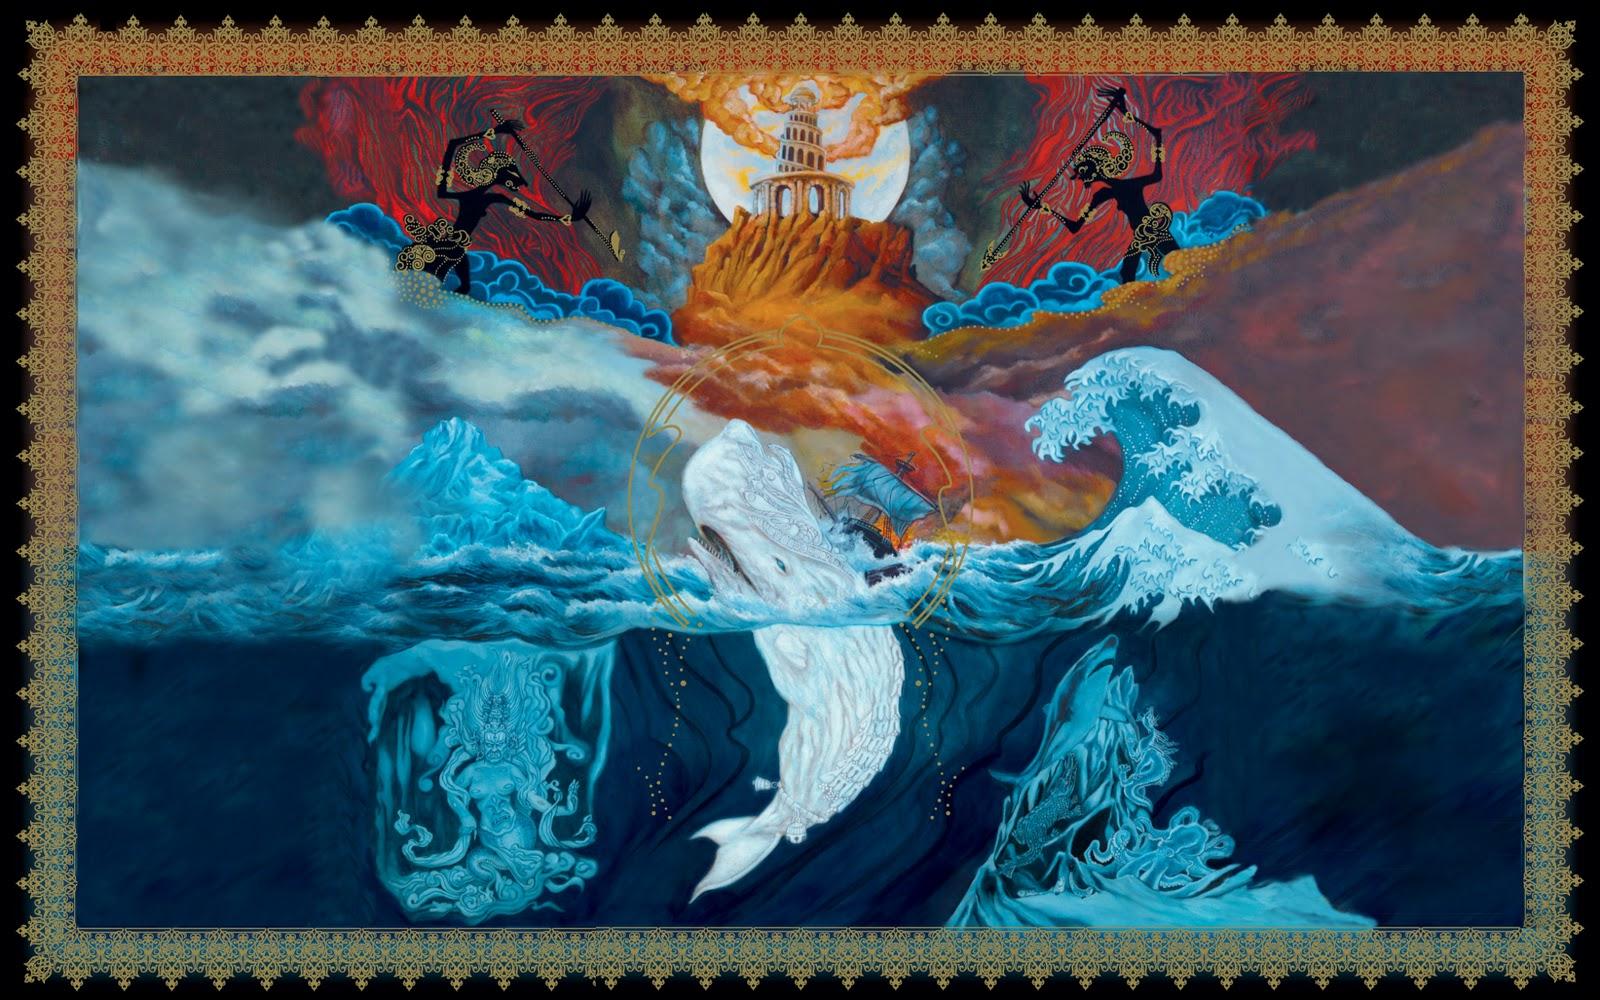 http://2.bp.blogspot.com/-uR9WKy_WlLk/ULQfVA43mjI/AAAAAAAAAnM/xazHi2oWsmQ/s1600/paintings_tower_waves_leviathan_of_babel_sharks_indians_desktop_1600x1000_hd-wallpaper-825618.jpg